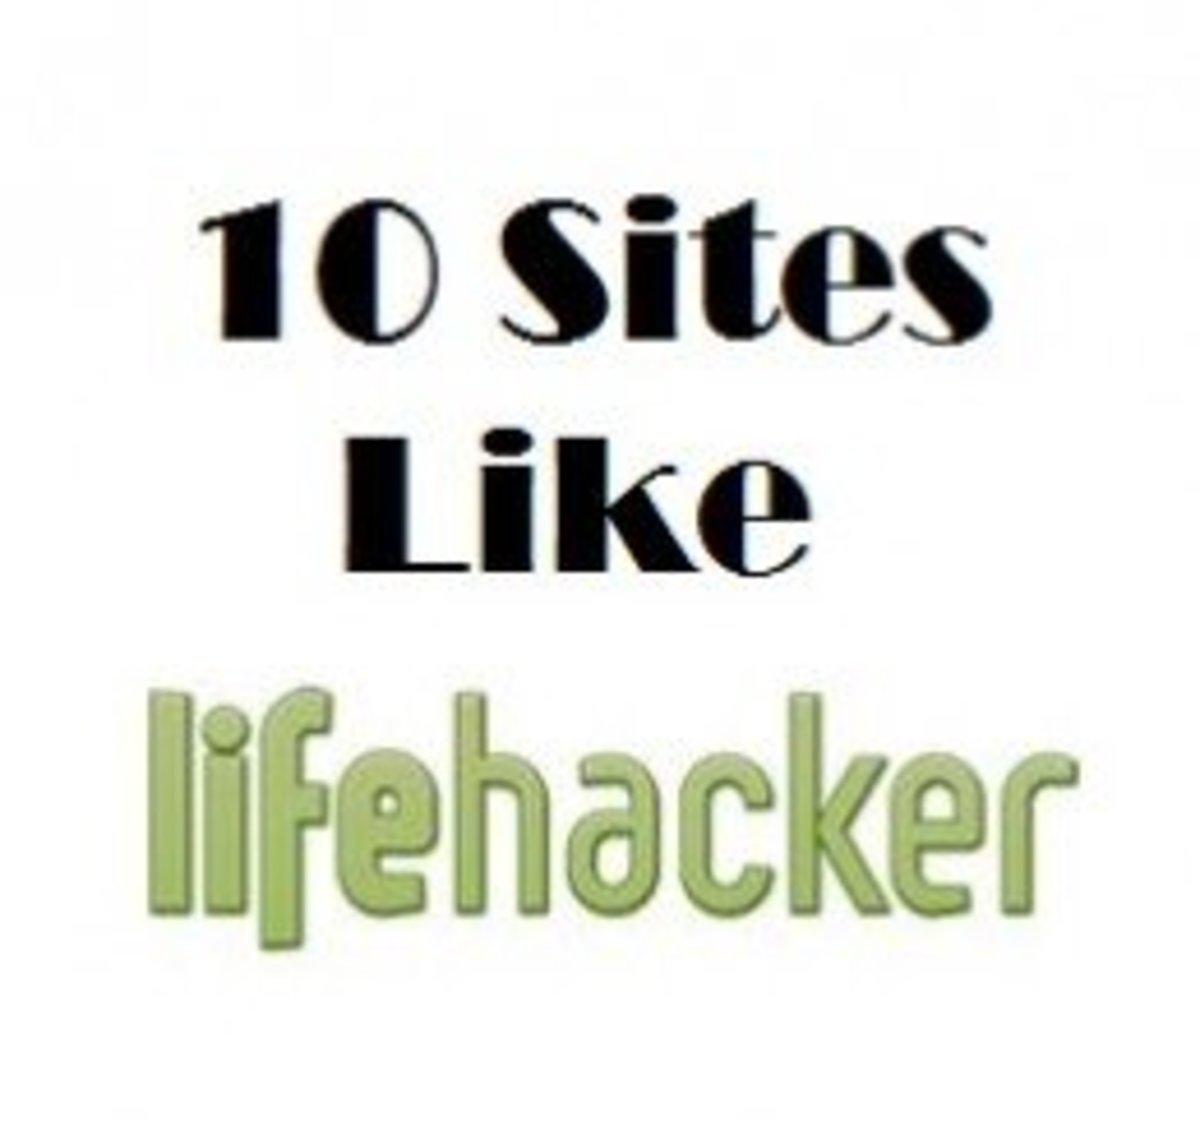 websites-like-lifehacker